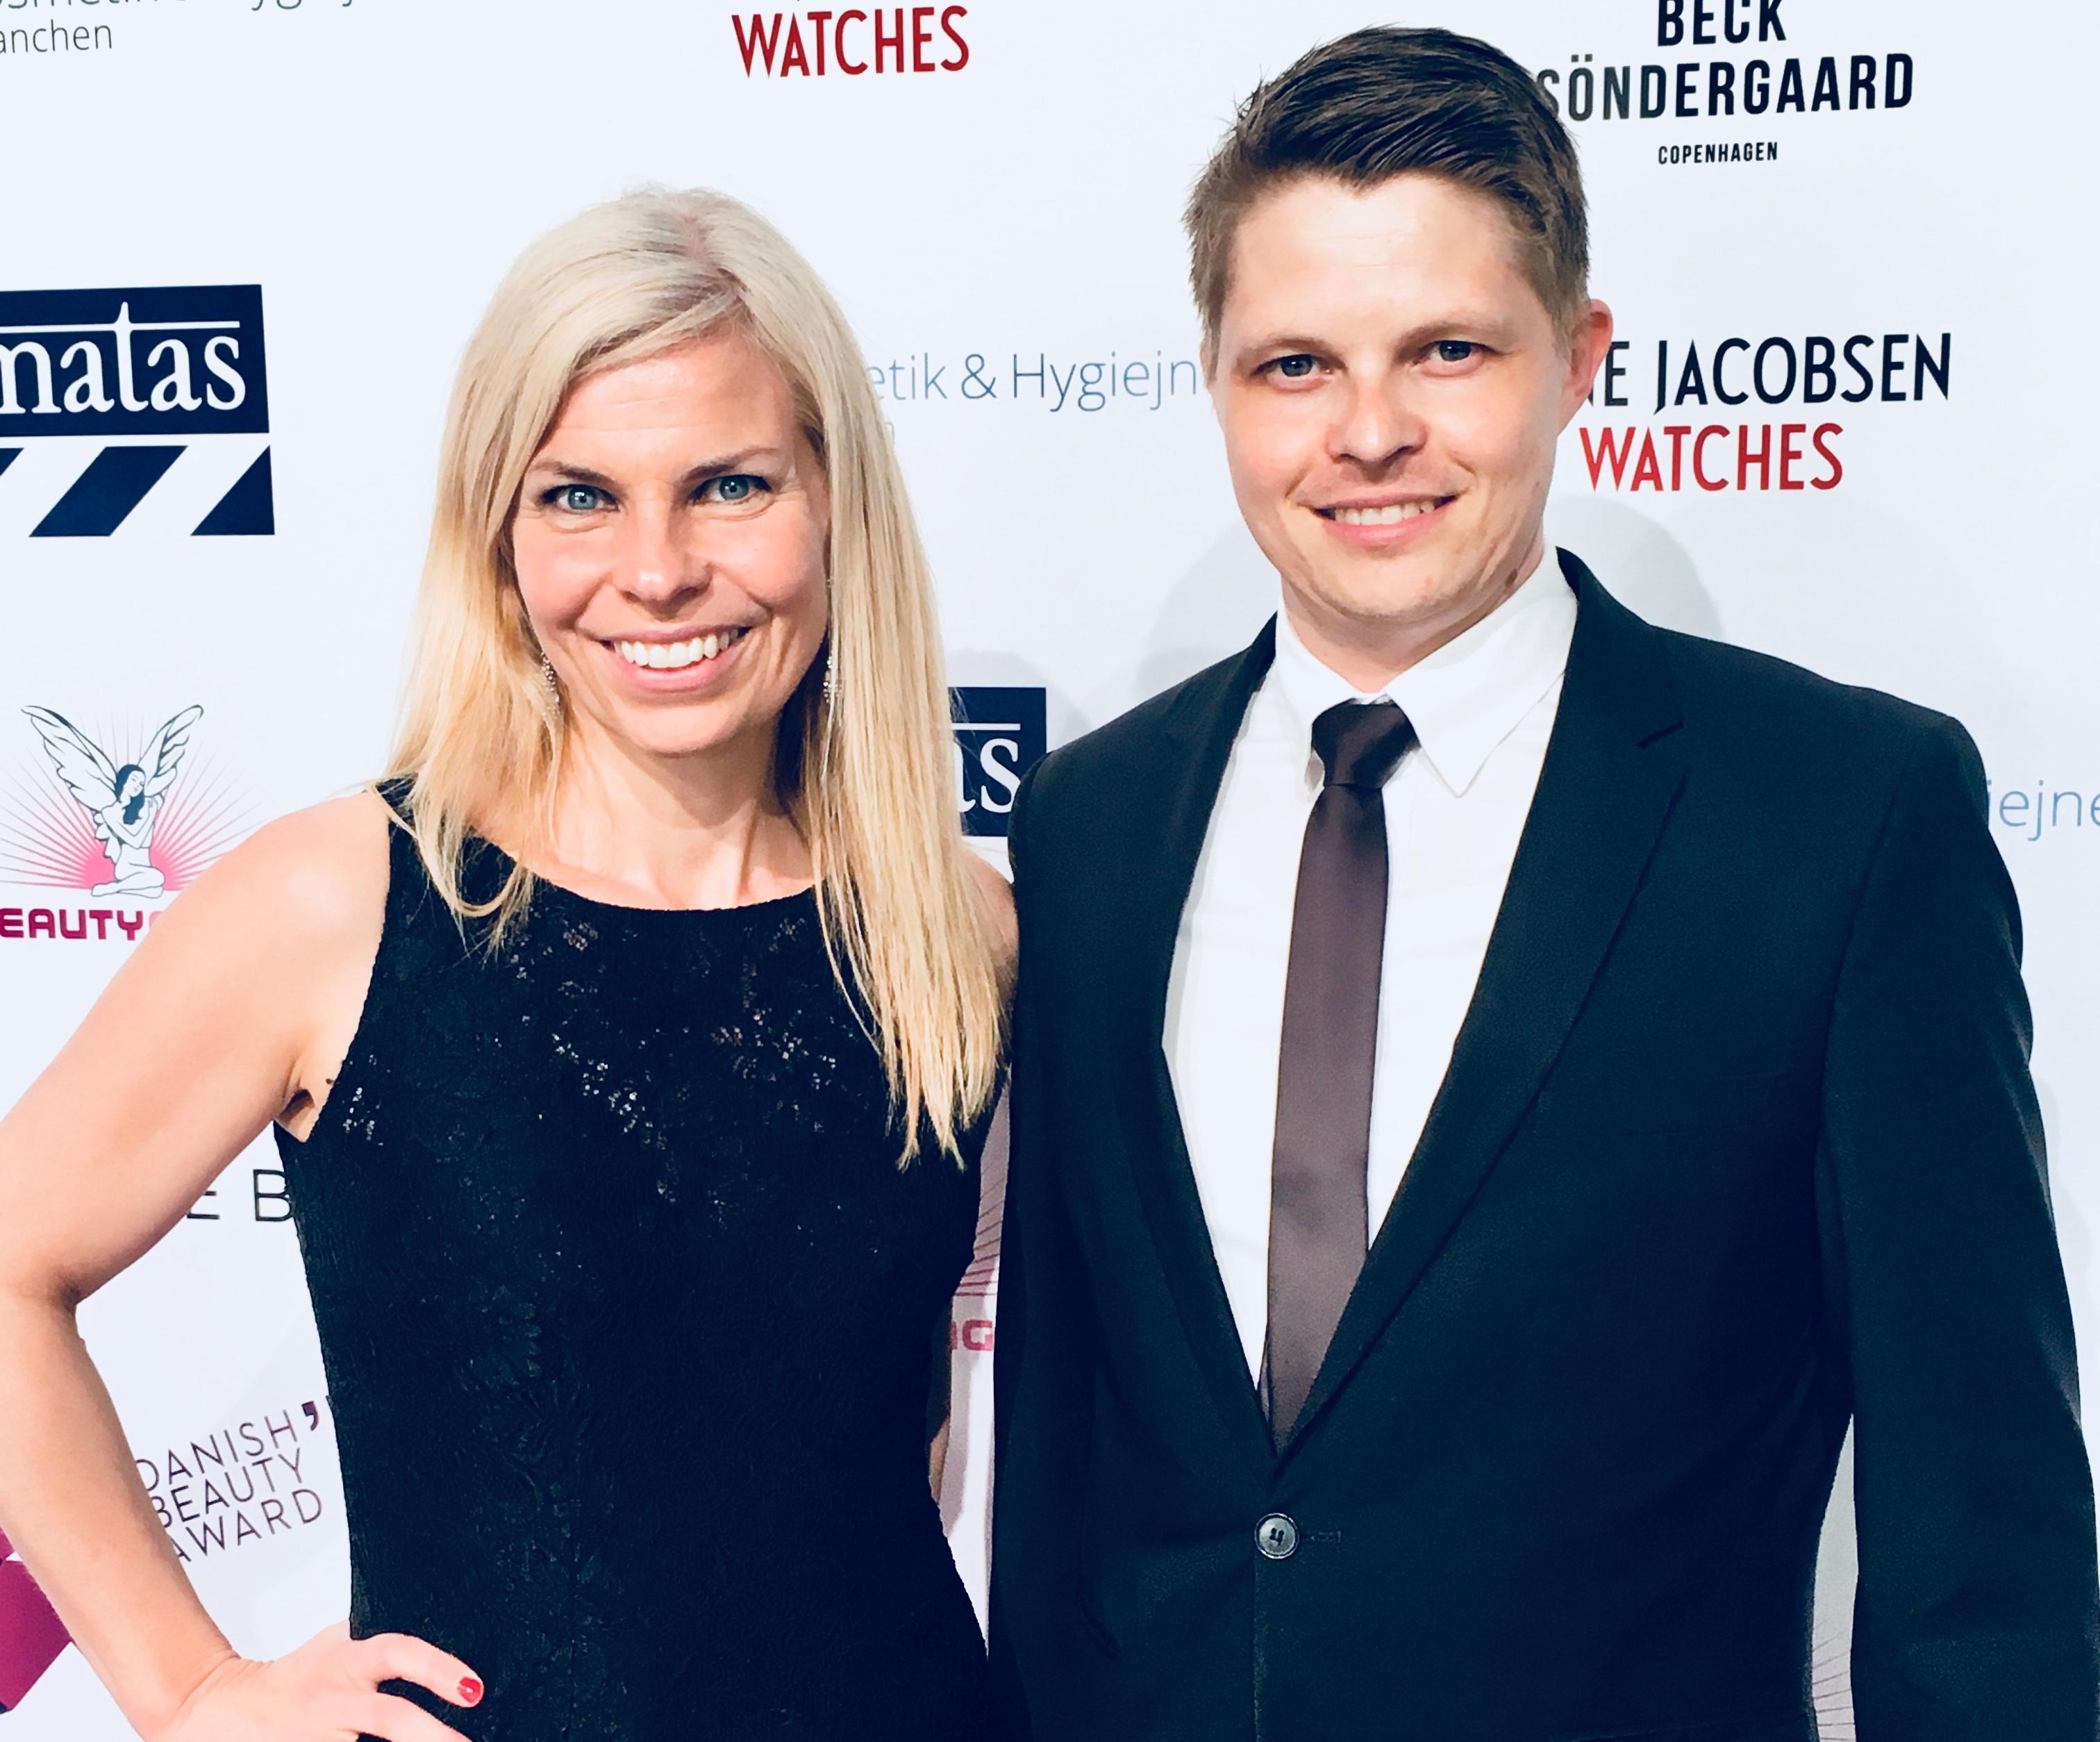 Danish Beauty Awards 2018